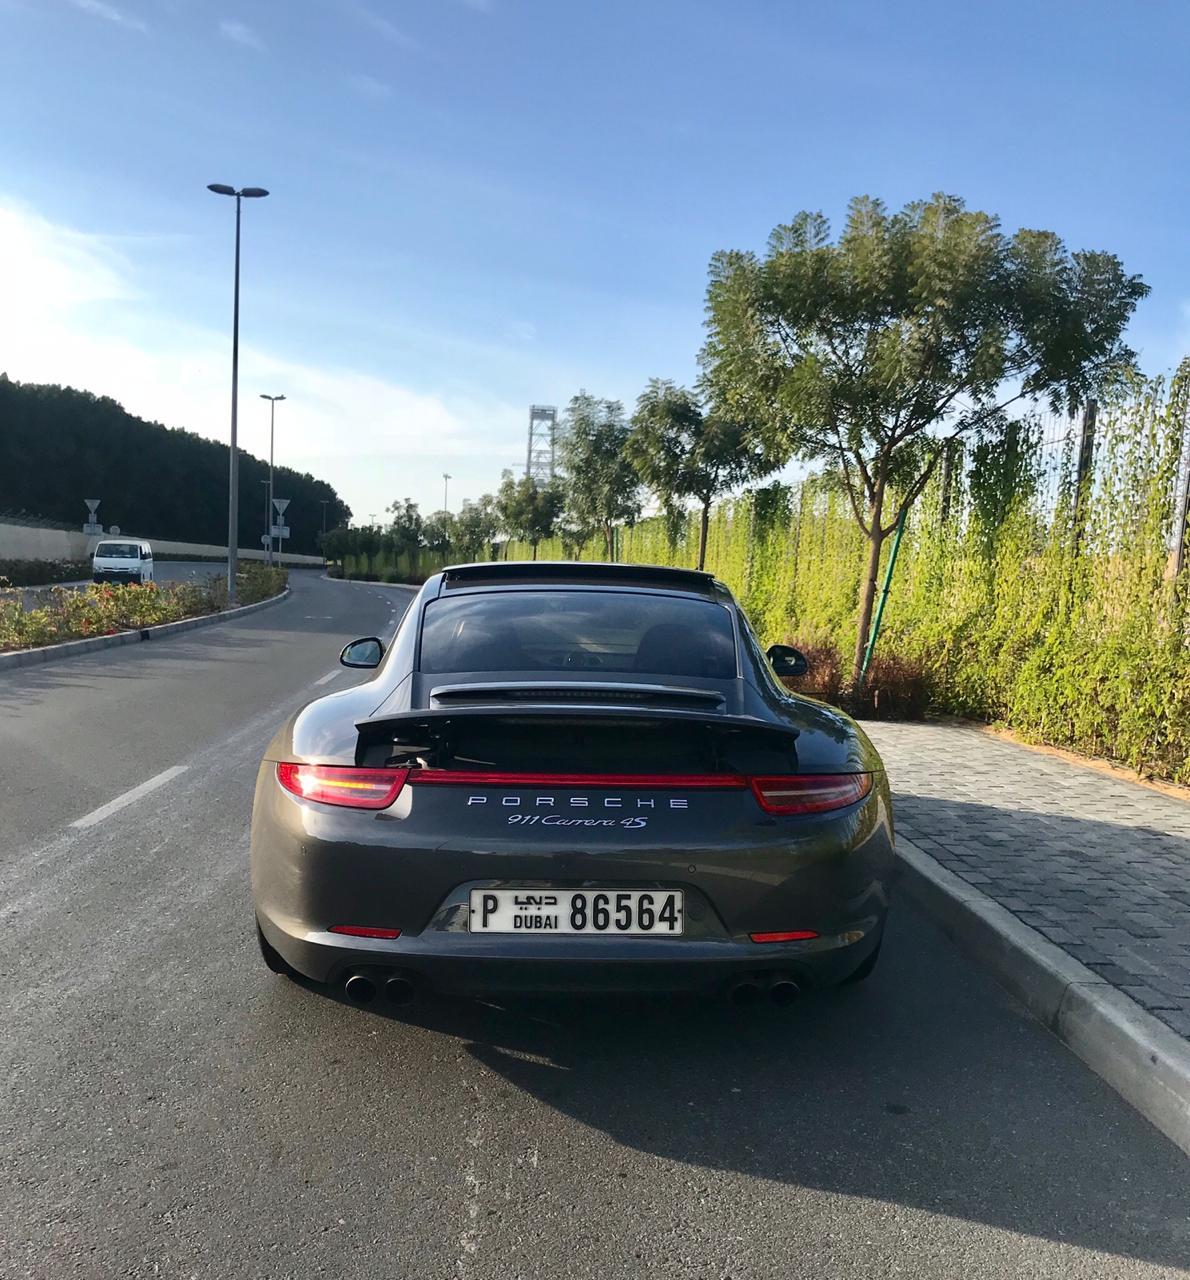 Rent_a_Porsche_911_in_Dubai_04